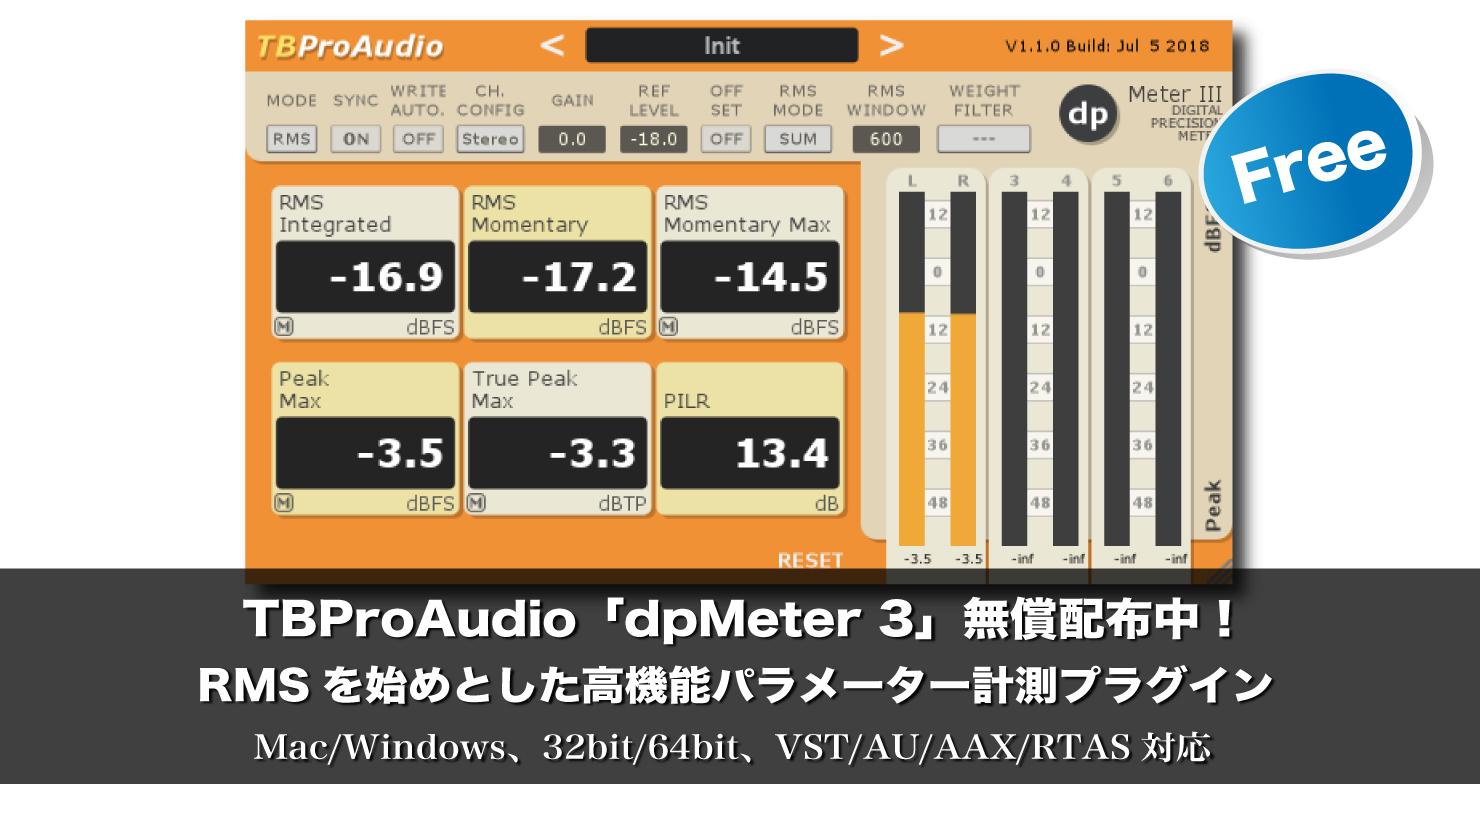 【無料】TBProAudio「dpMeter 3」無償配布中!高機能パラメーター計測プラグイン